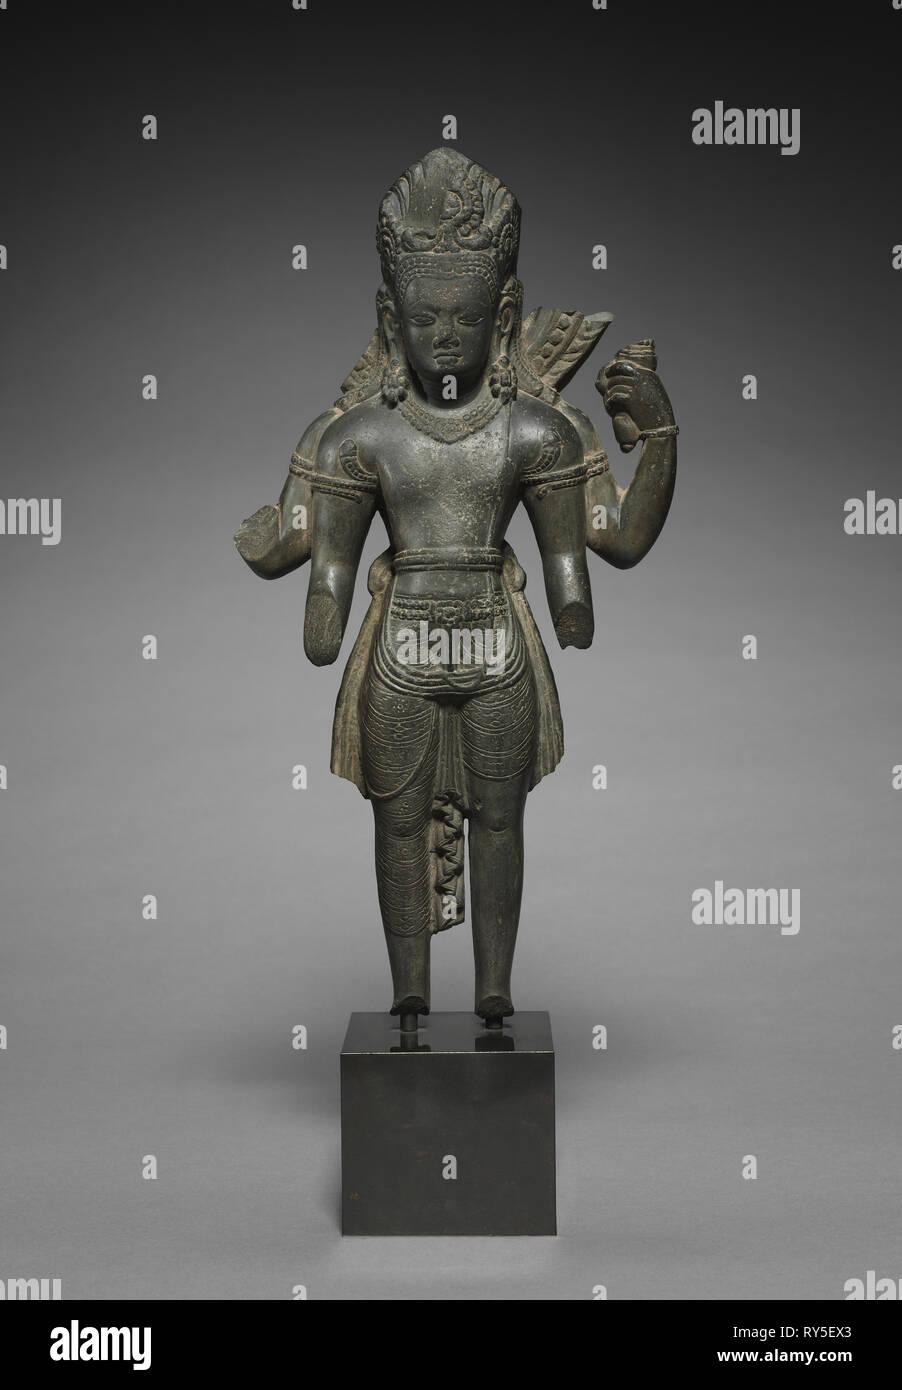 Vishnu, 800s. Nepal, style of Changu Narayan, 9th century. Schist; overall: 43.8 cm (17 1/4 in - Stock Image